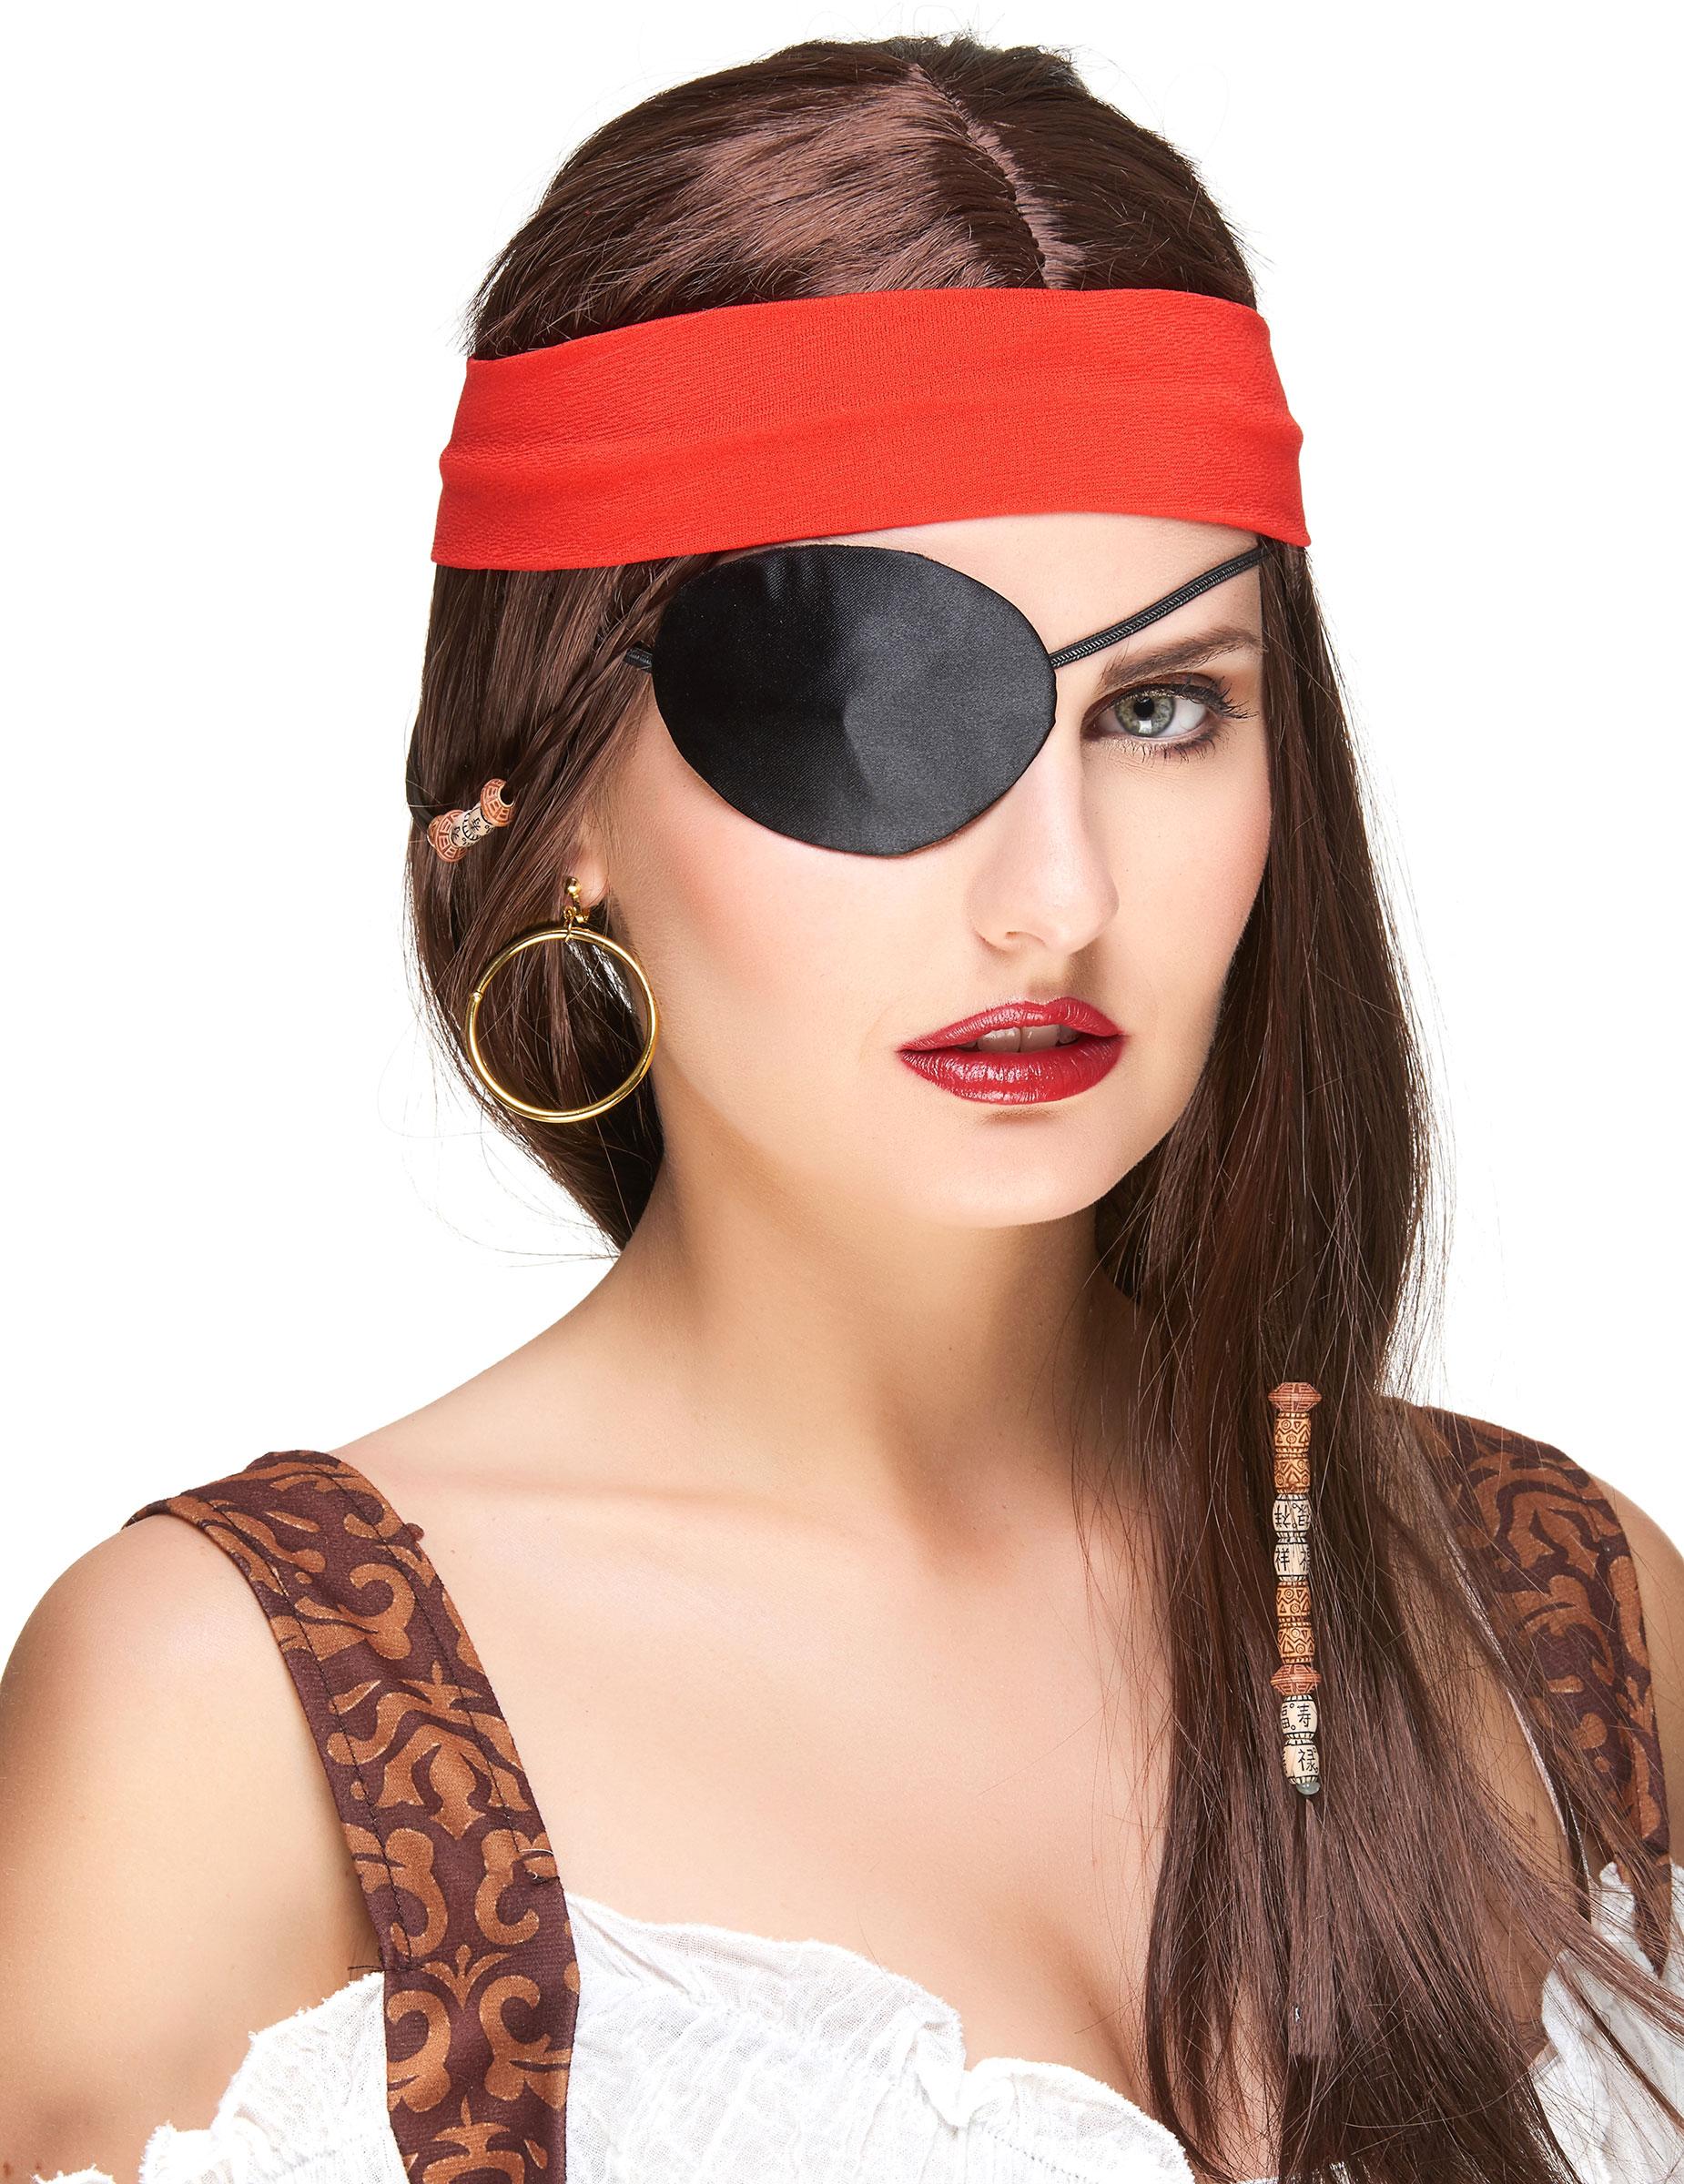 piraten dating We brengen je de beste vakantie reis aanbiedingen, goedkoopste vluchten en pakket reizen blijf op de hoogte van alle low-cost vakantie's.